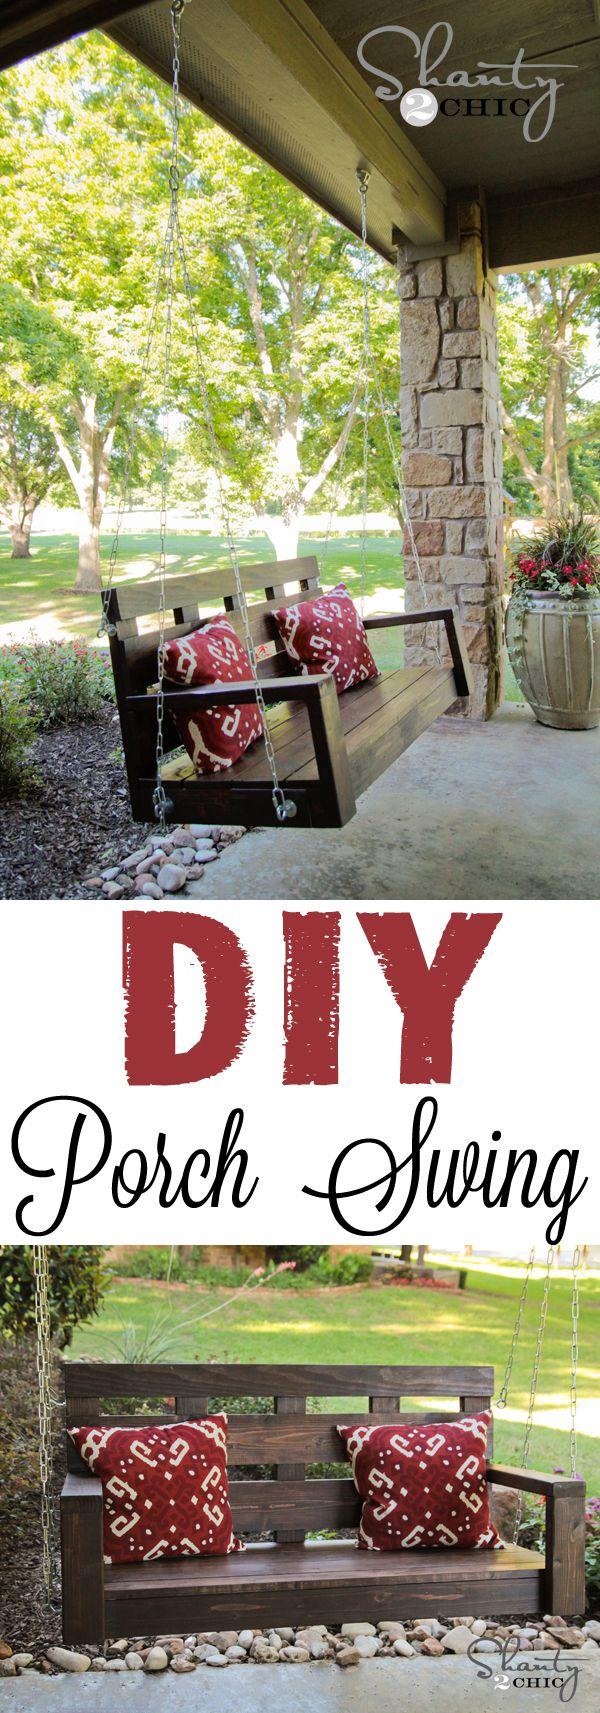 Porch Swing - DIY | Columnas, Piedra y Jardín